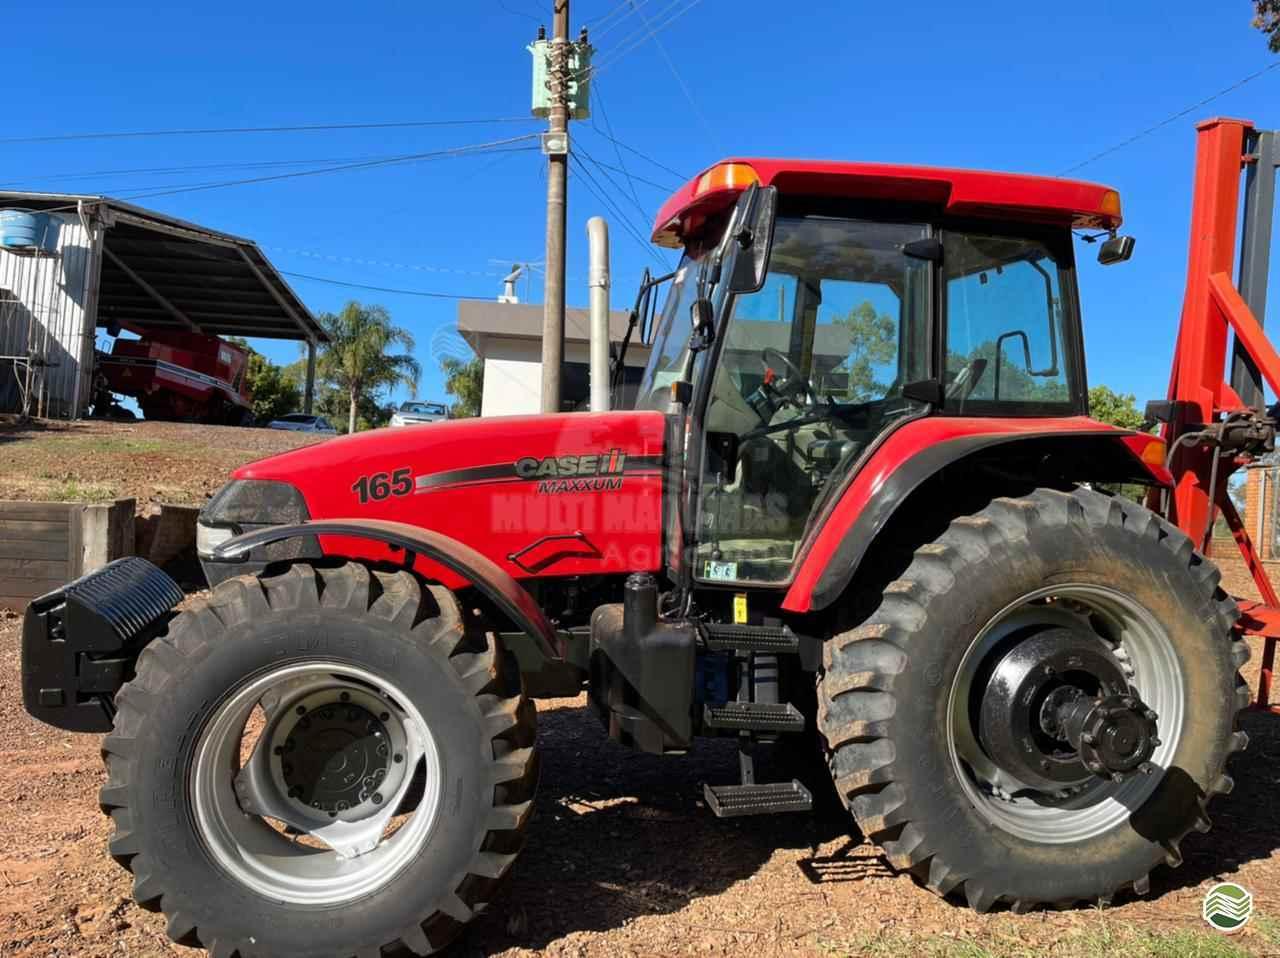 TRATOR CASE CASE MX 165 Tração 4x4 Multi Máquinas SANTA BARBARA DO SUL RIO GRANDE DO SUL RS